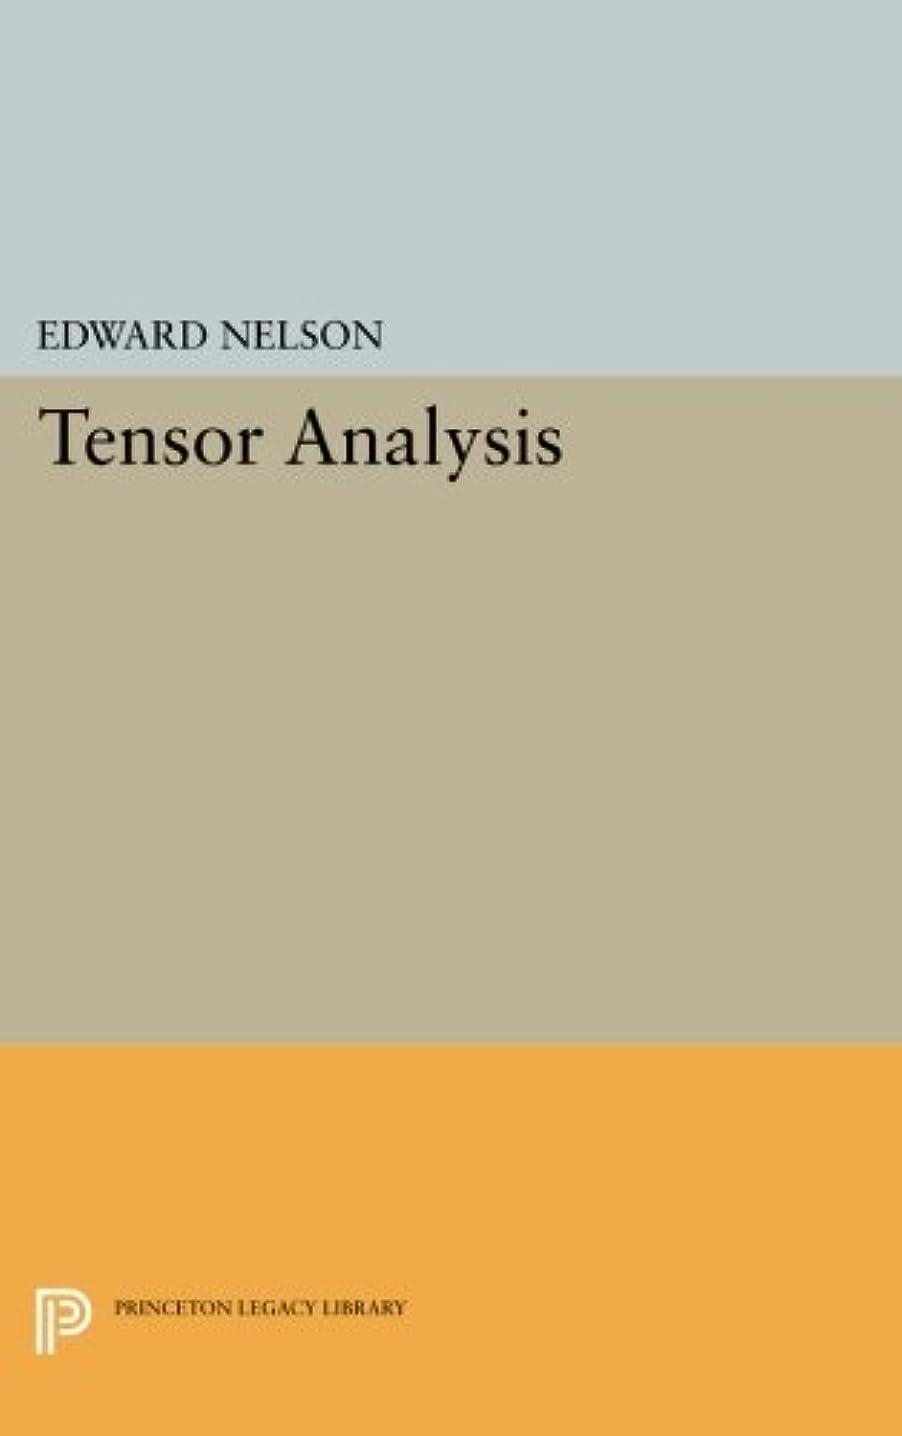 欲しいです帆抑止するTensor Analysis (Princeton Legacy Library)